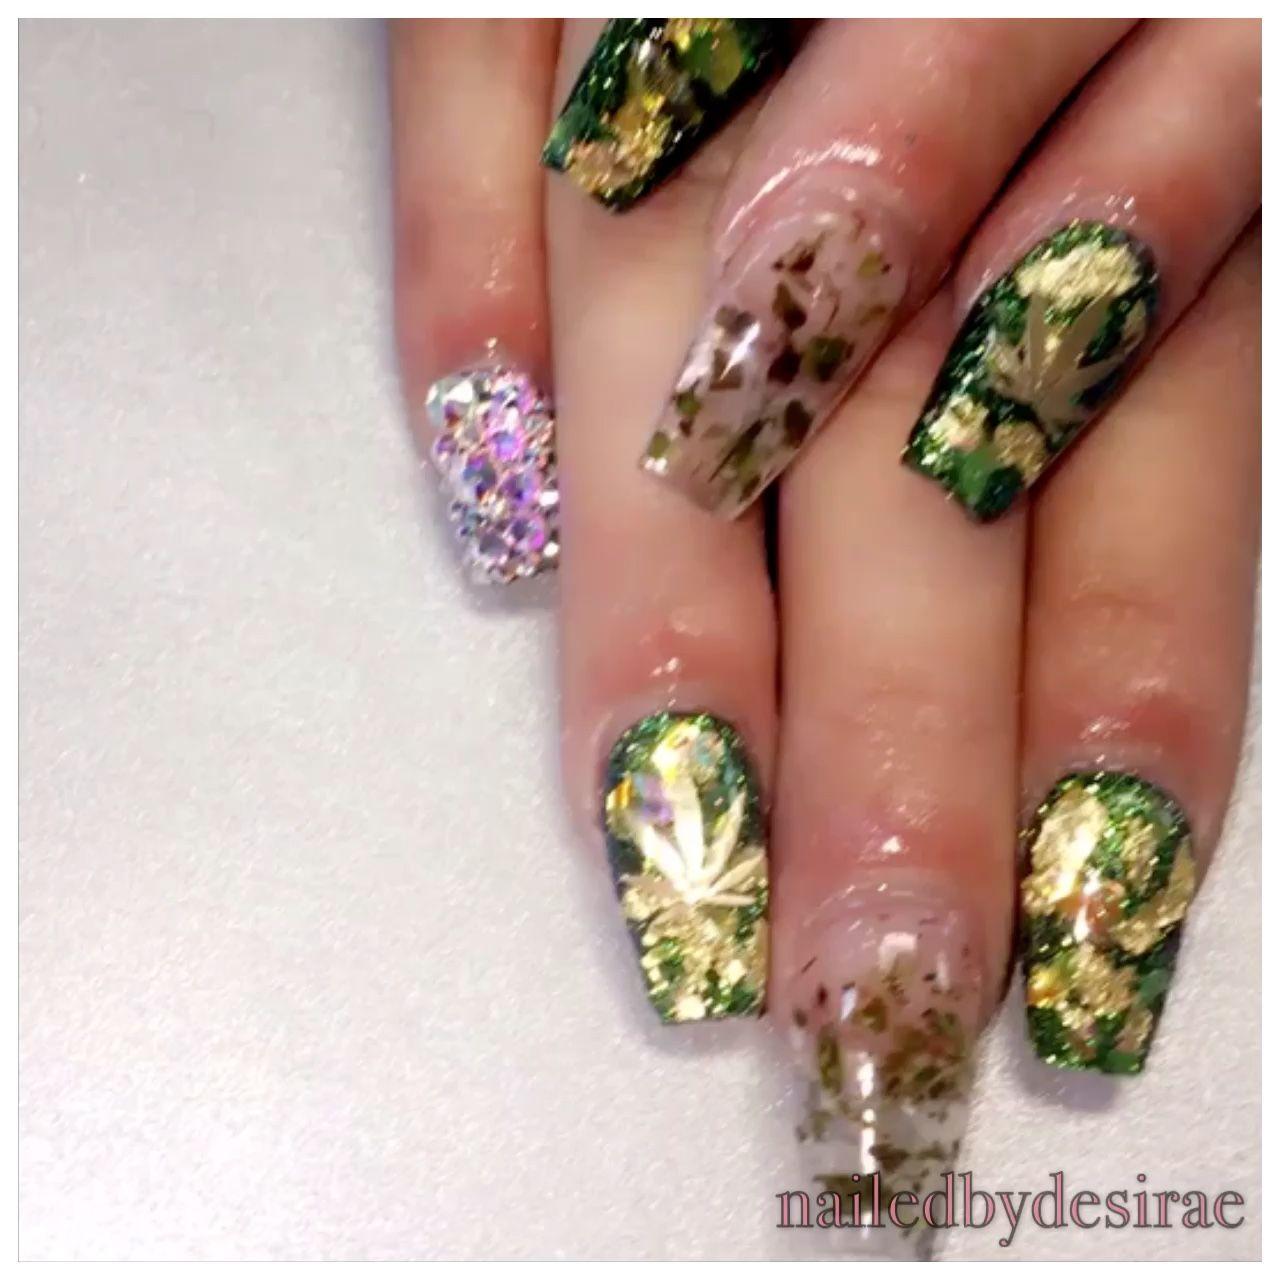 Weed nails acrylic nails nail art nail design clawsss weed nails acrylic nails nail art nail design prinsesfo Image collections